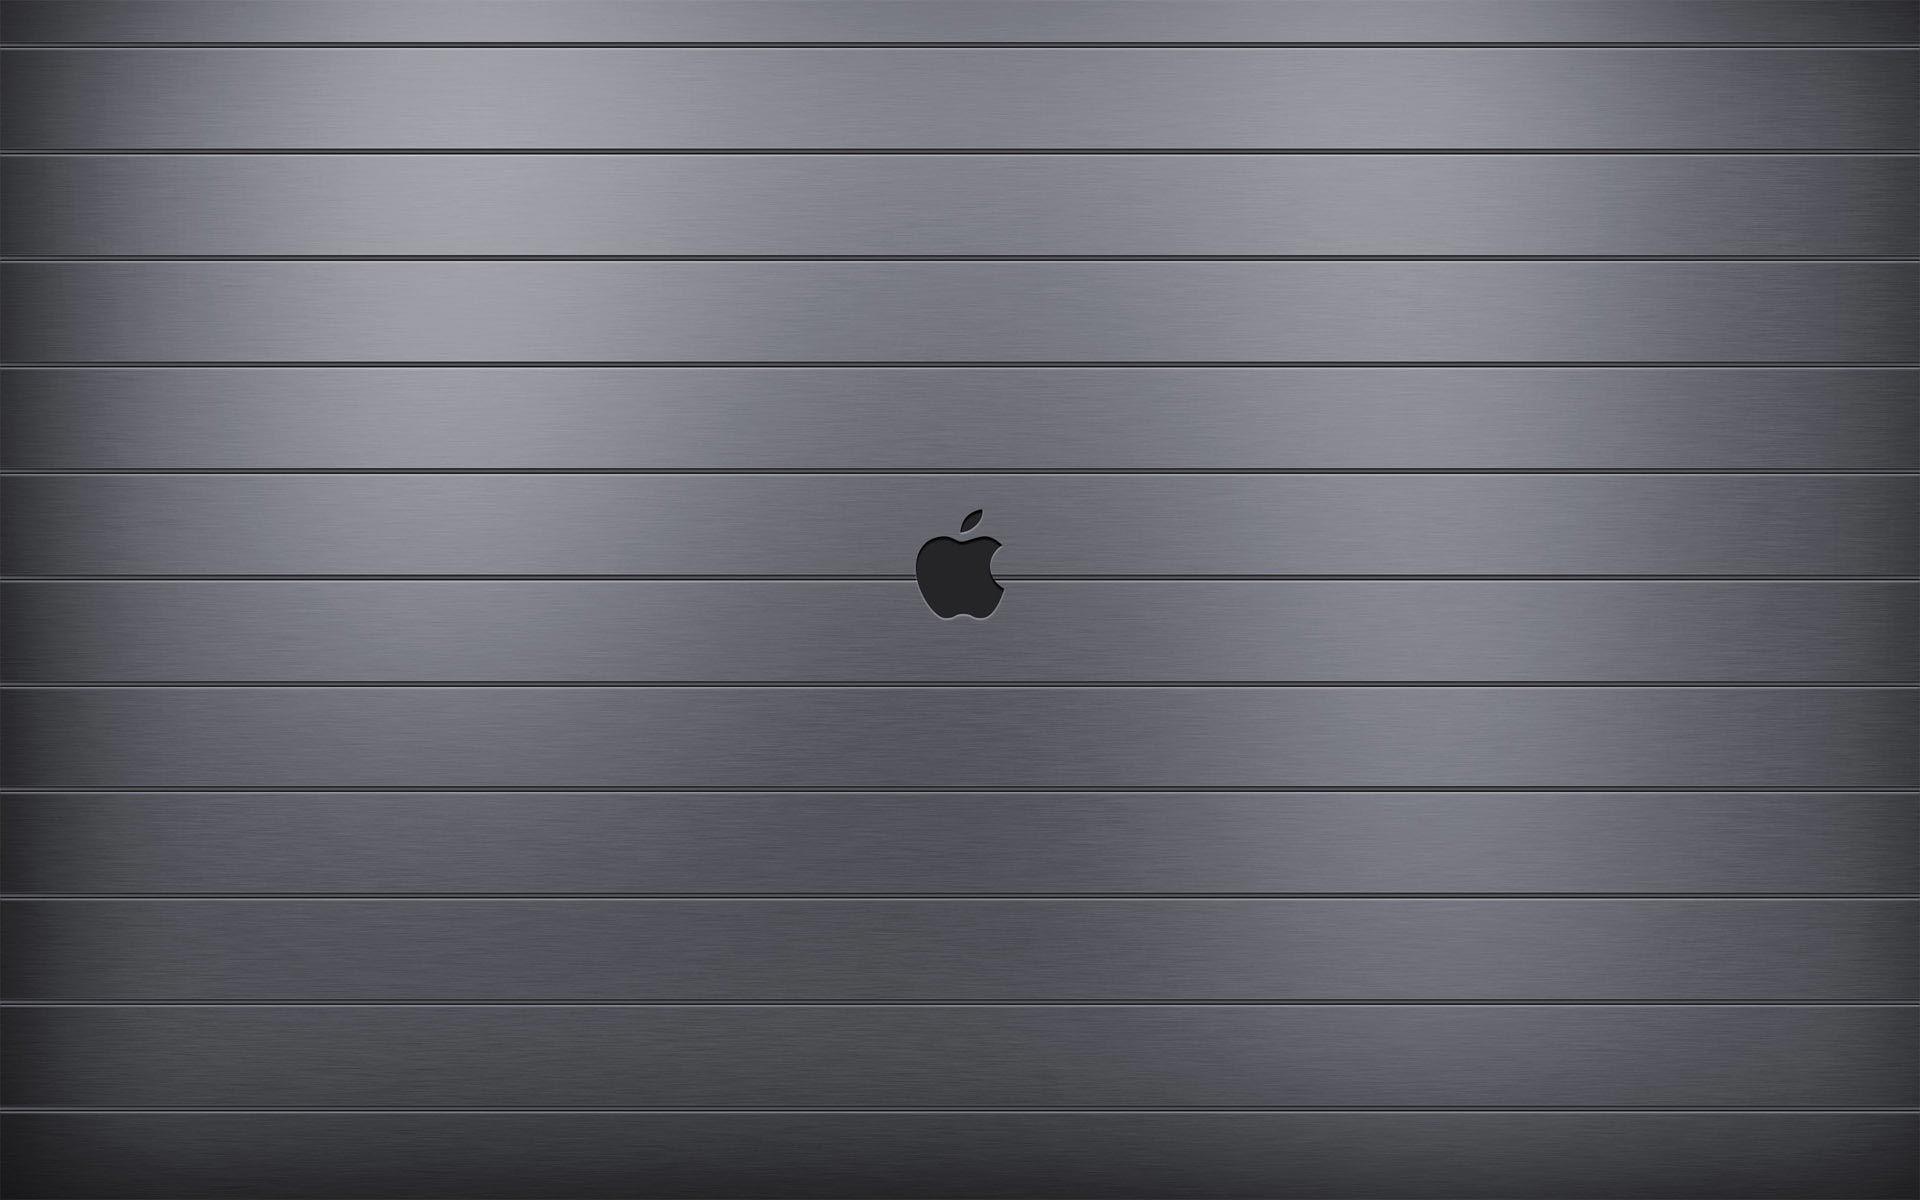 apple macbook pro desktop wallpapers